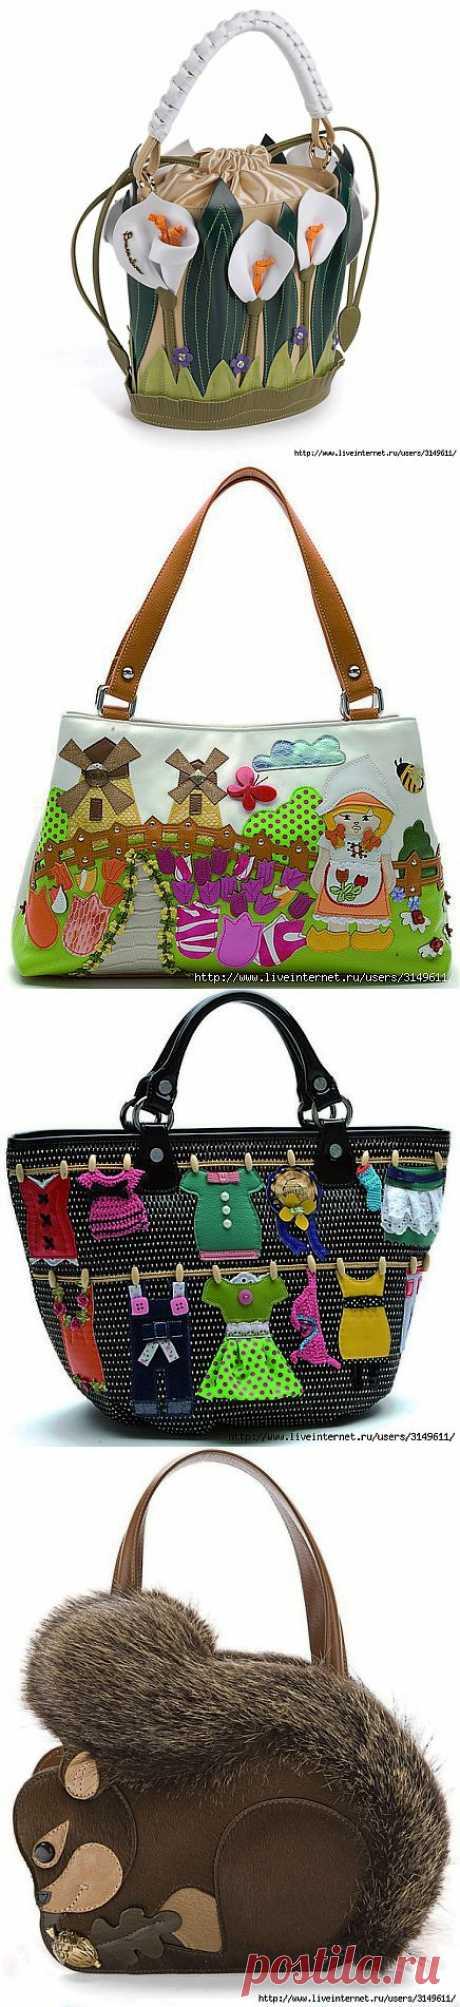 Женские сумки итальянской компании Braccialini - как источник вдохновения для рукоделия.